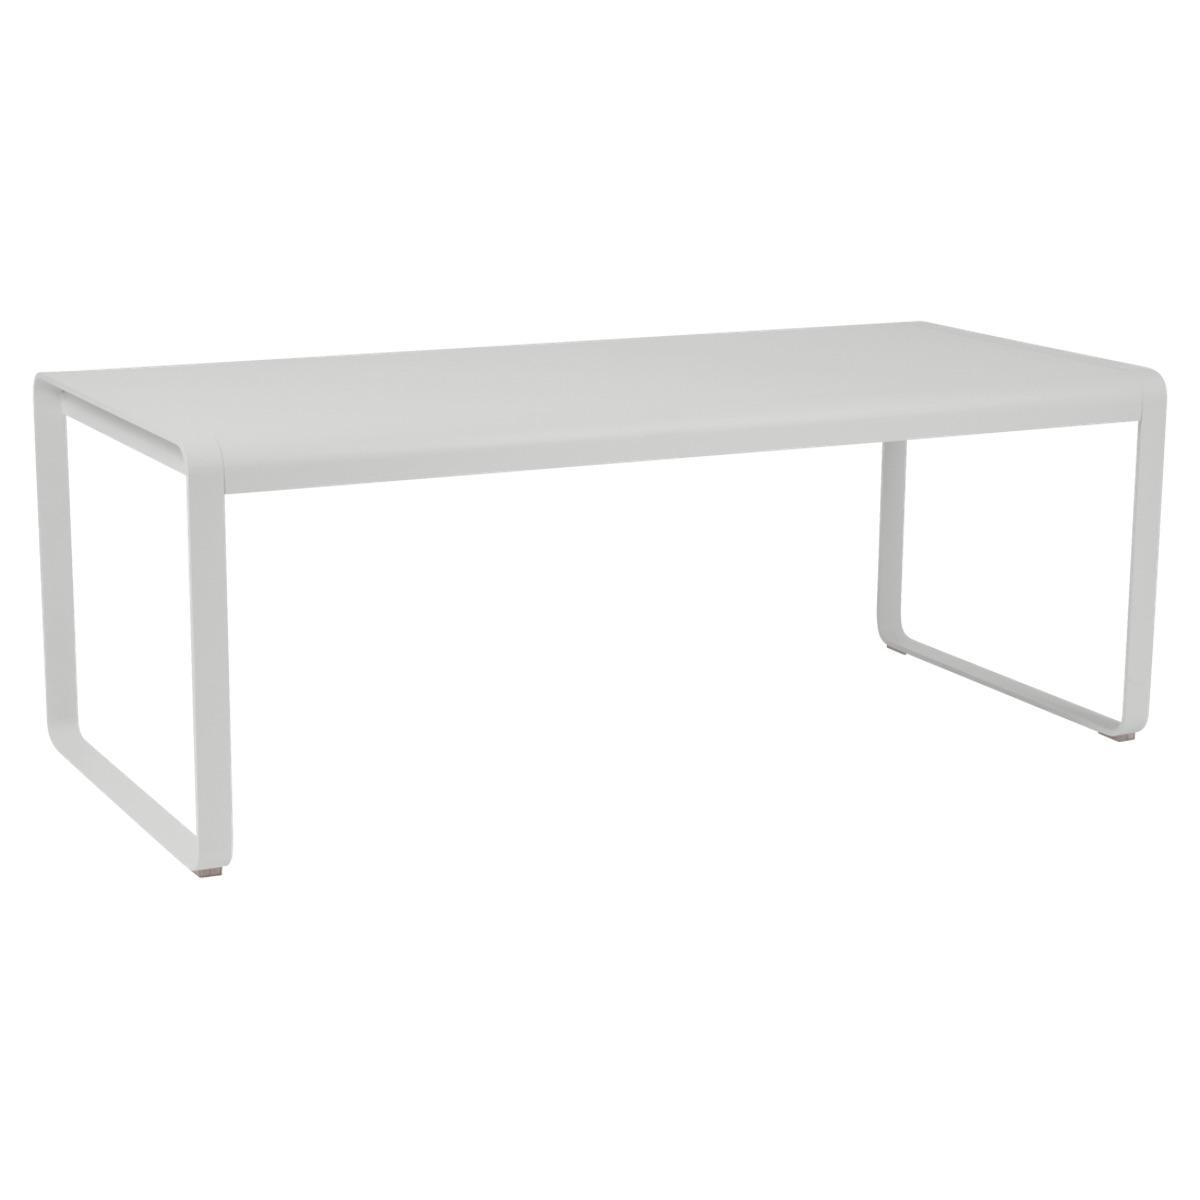 Table 90x196cm BELLEVIE PREMIUM Fermob gris métal